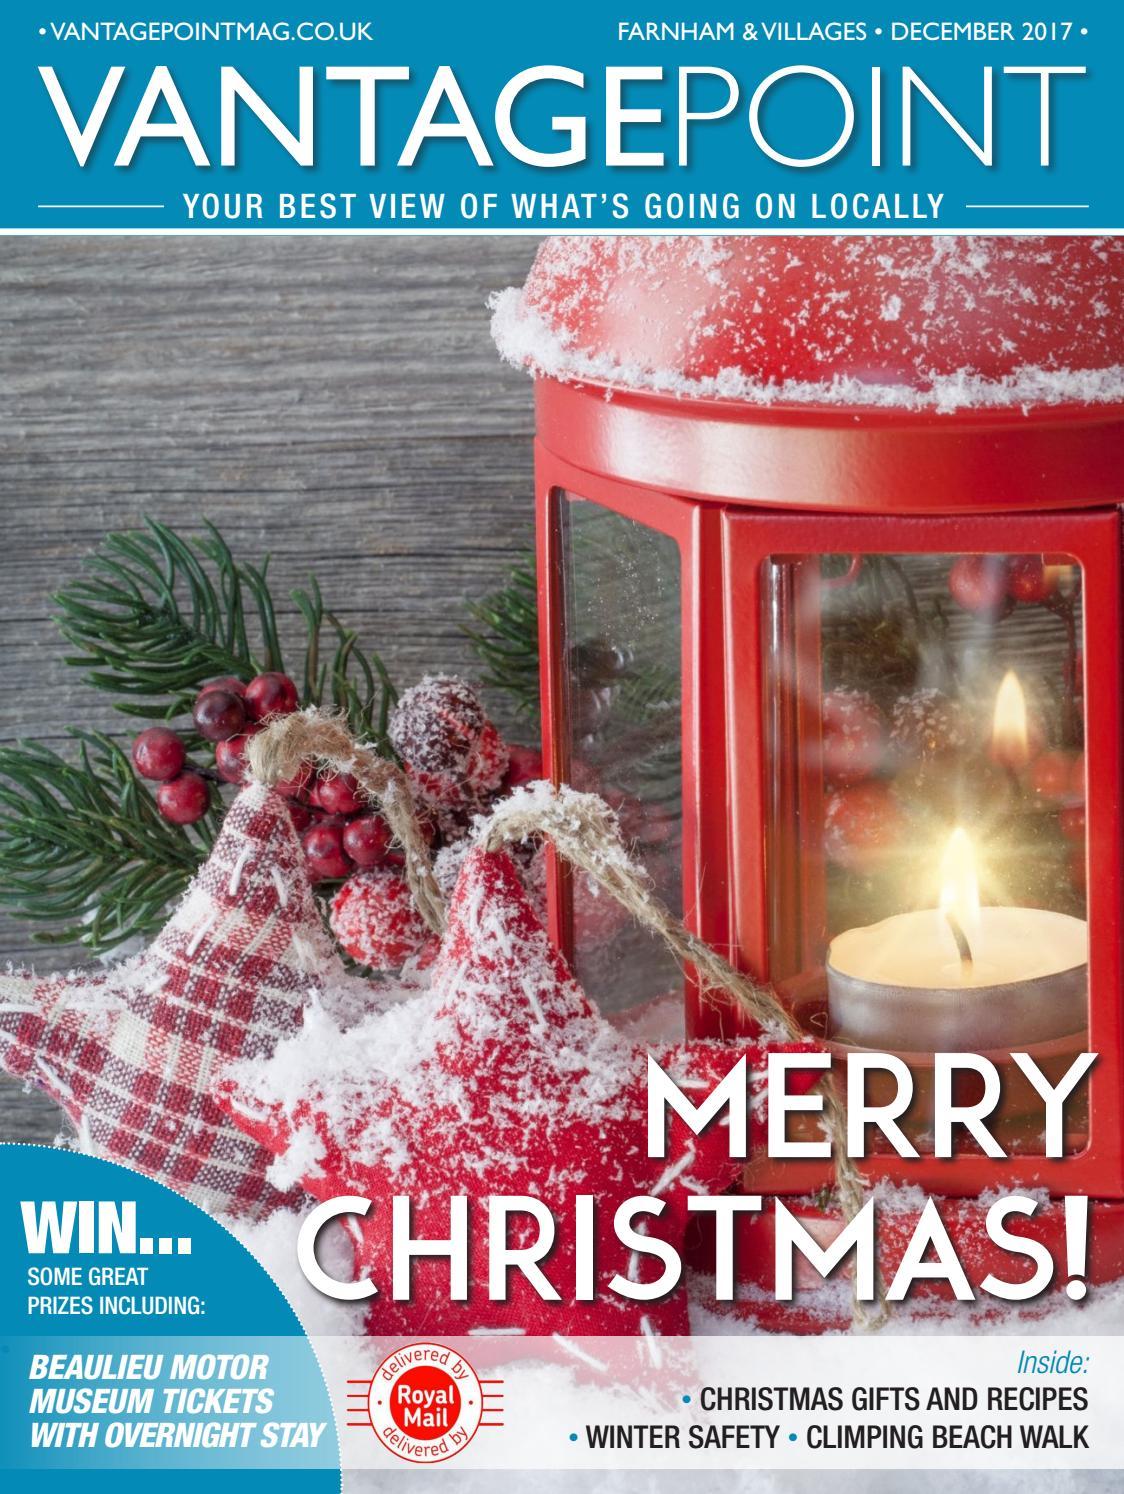 VantagePoint December 17 Farnham & Villages